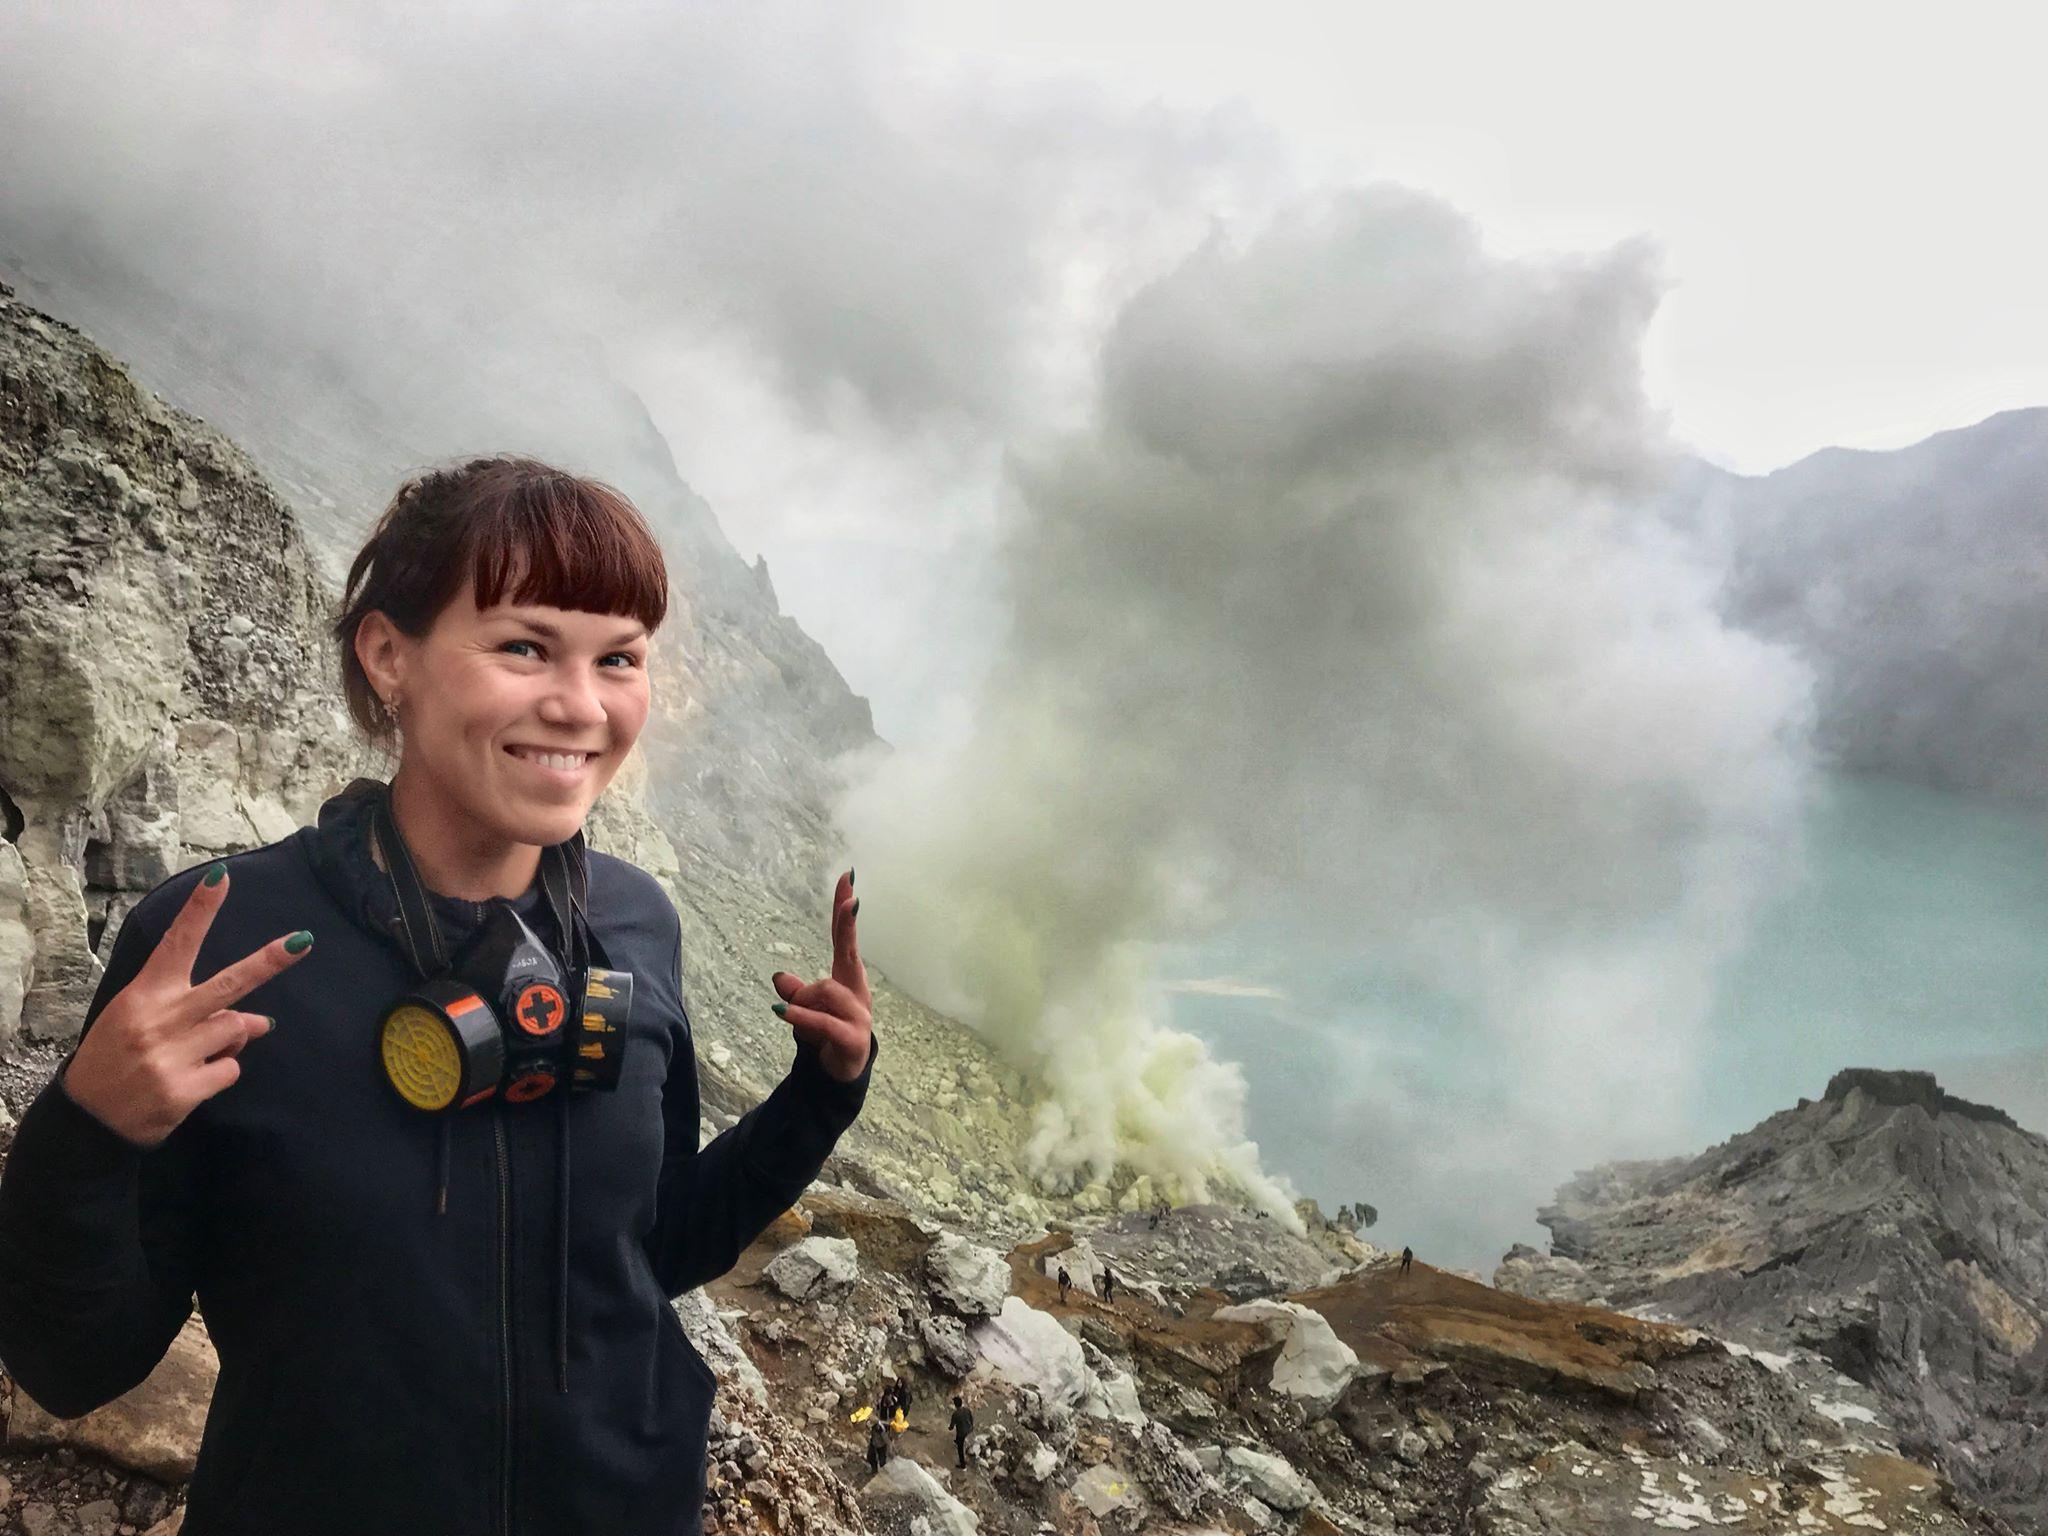 Запахло серой: ночной подъем на вулкан Иджен на острове Ява Запахло серой: ночной подъем на вулкан Иджен на острове Ява 29693020 1979885675661836 584432442 o